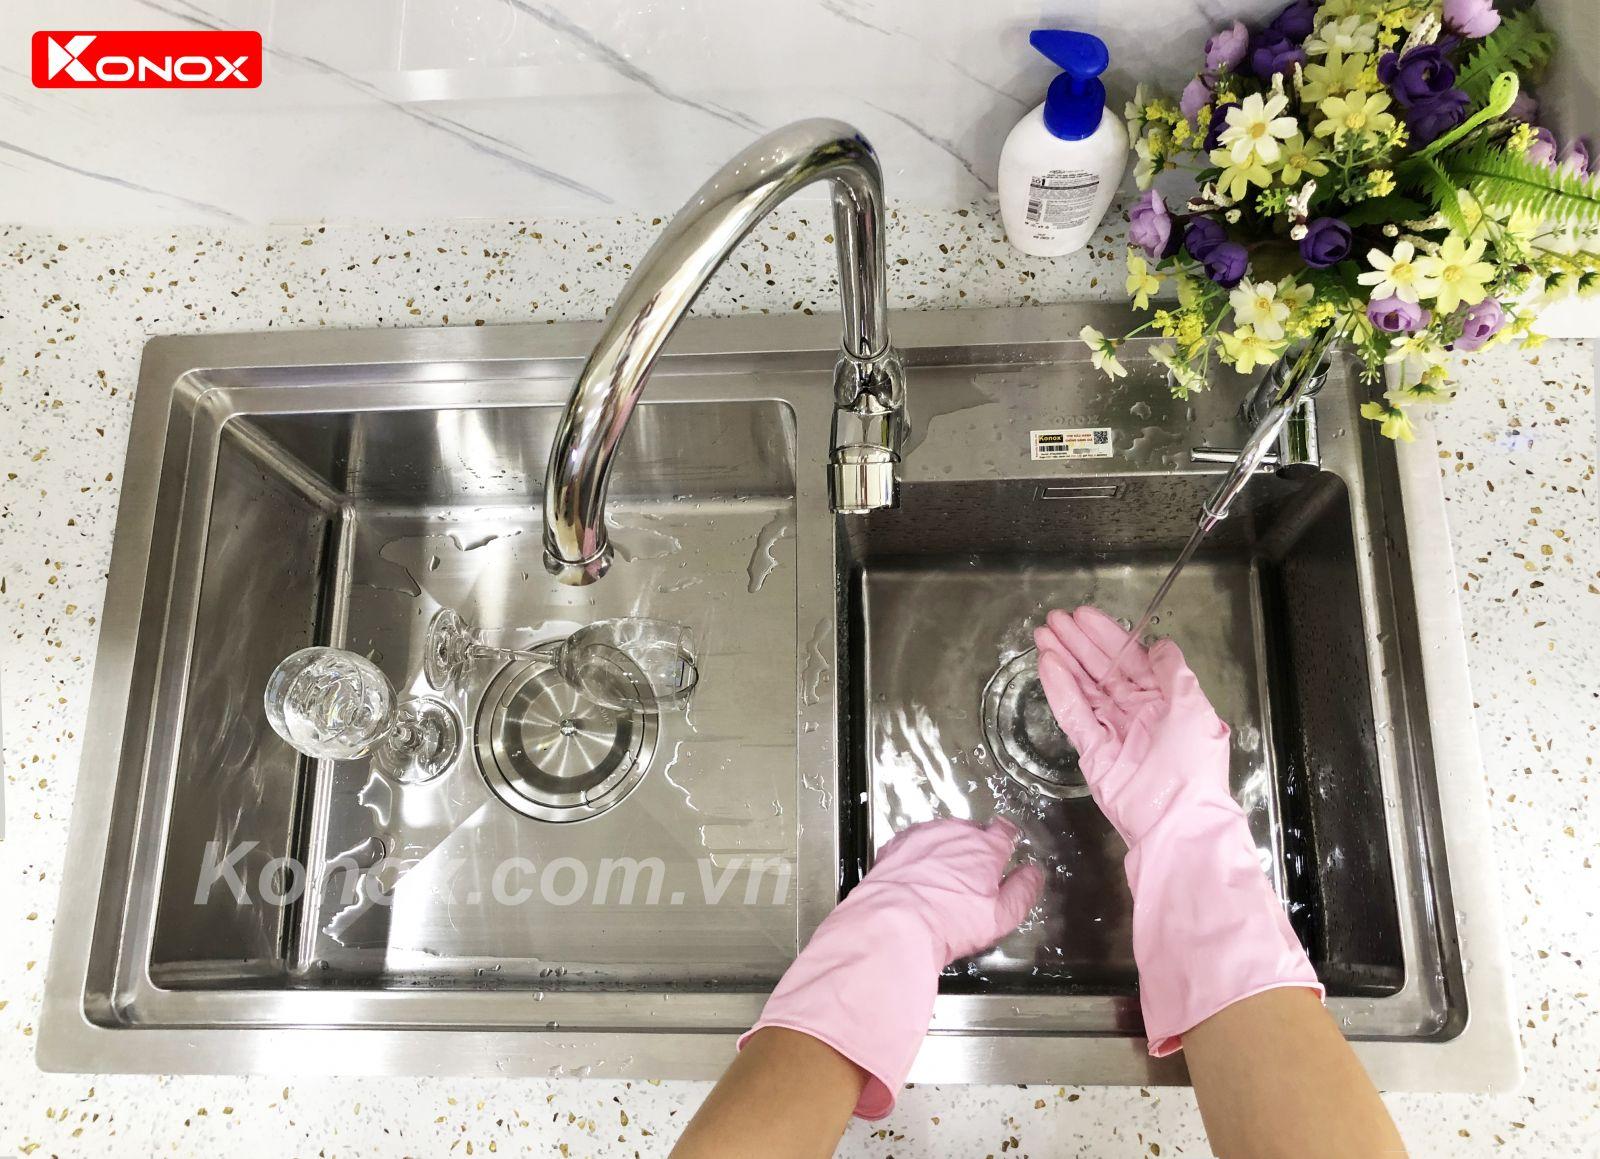 cách vệ sinh chậu rửa bát konox đúng cách